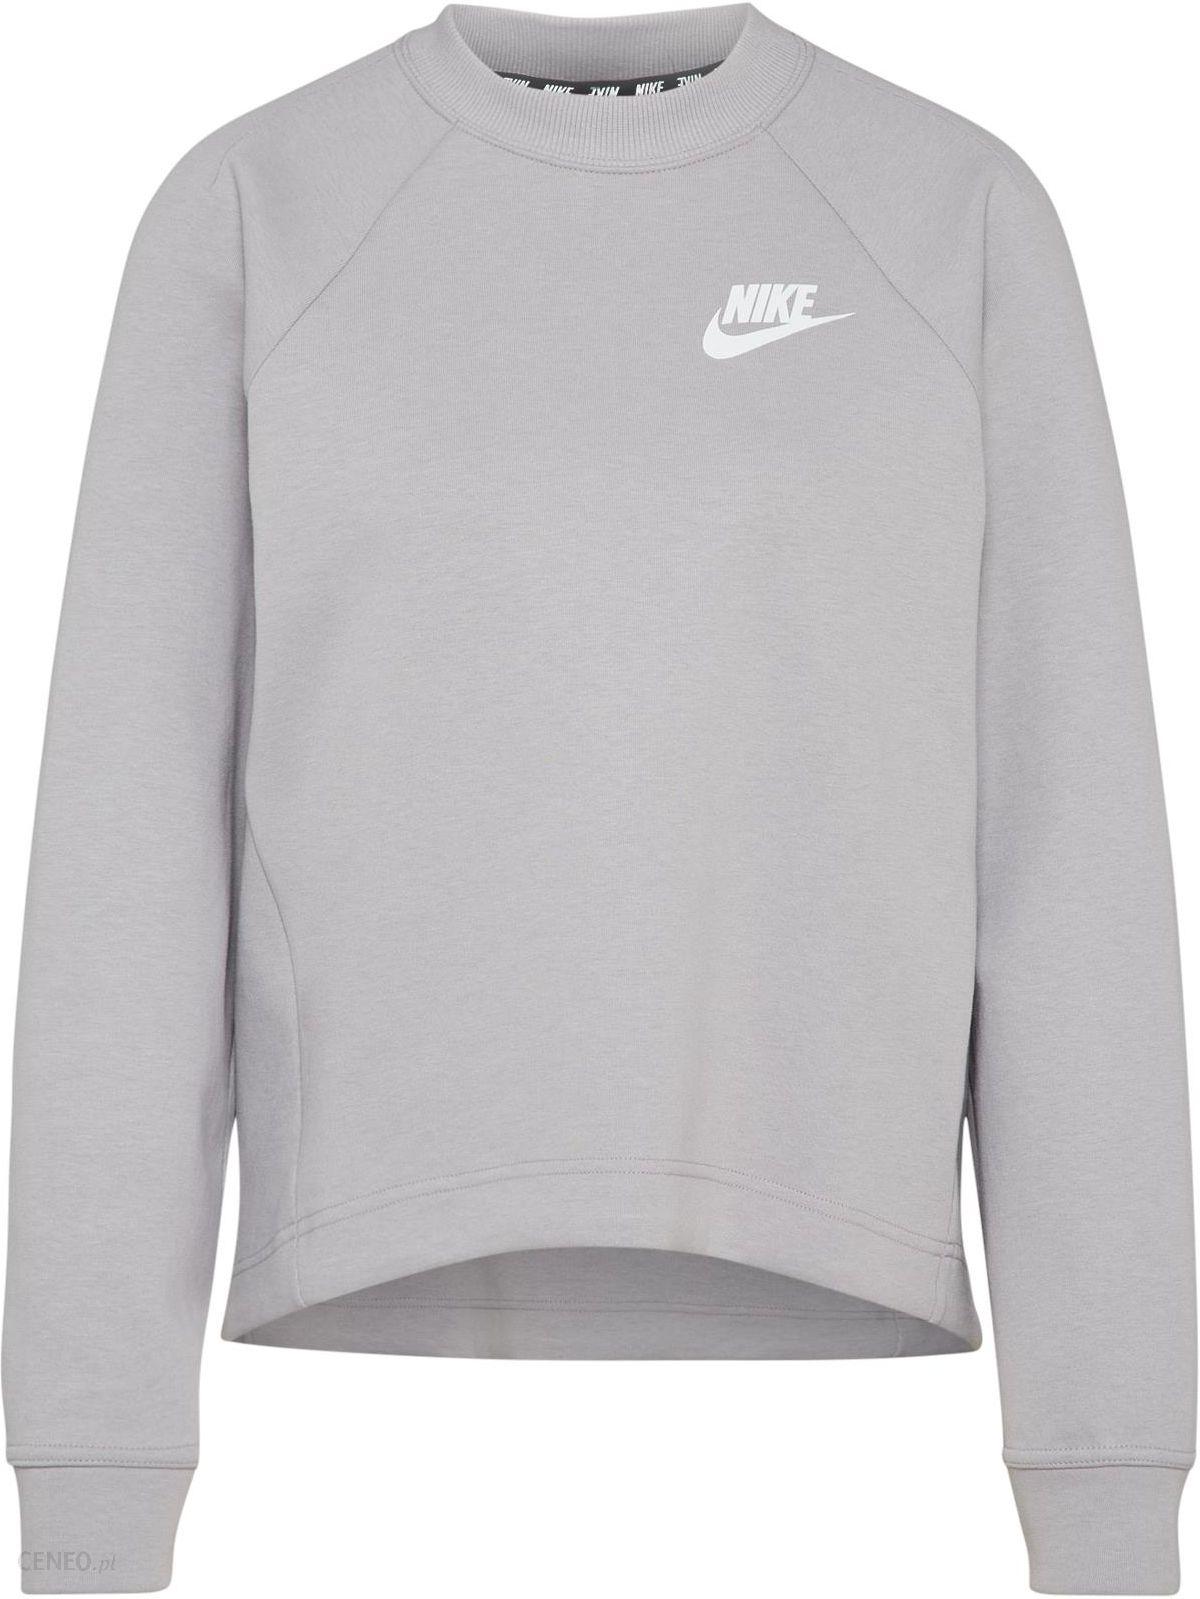 24ab723ec Nike Sportswear Bluzka sportowa 'AV15 Crew' Szary - Ceny i opinie ...